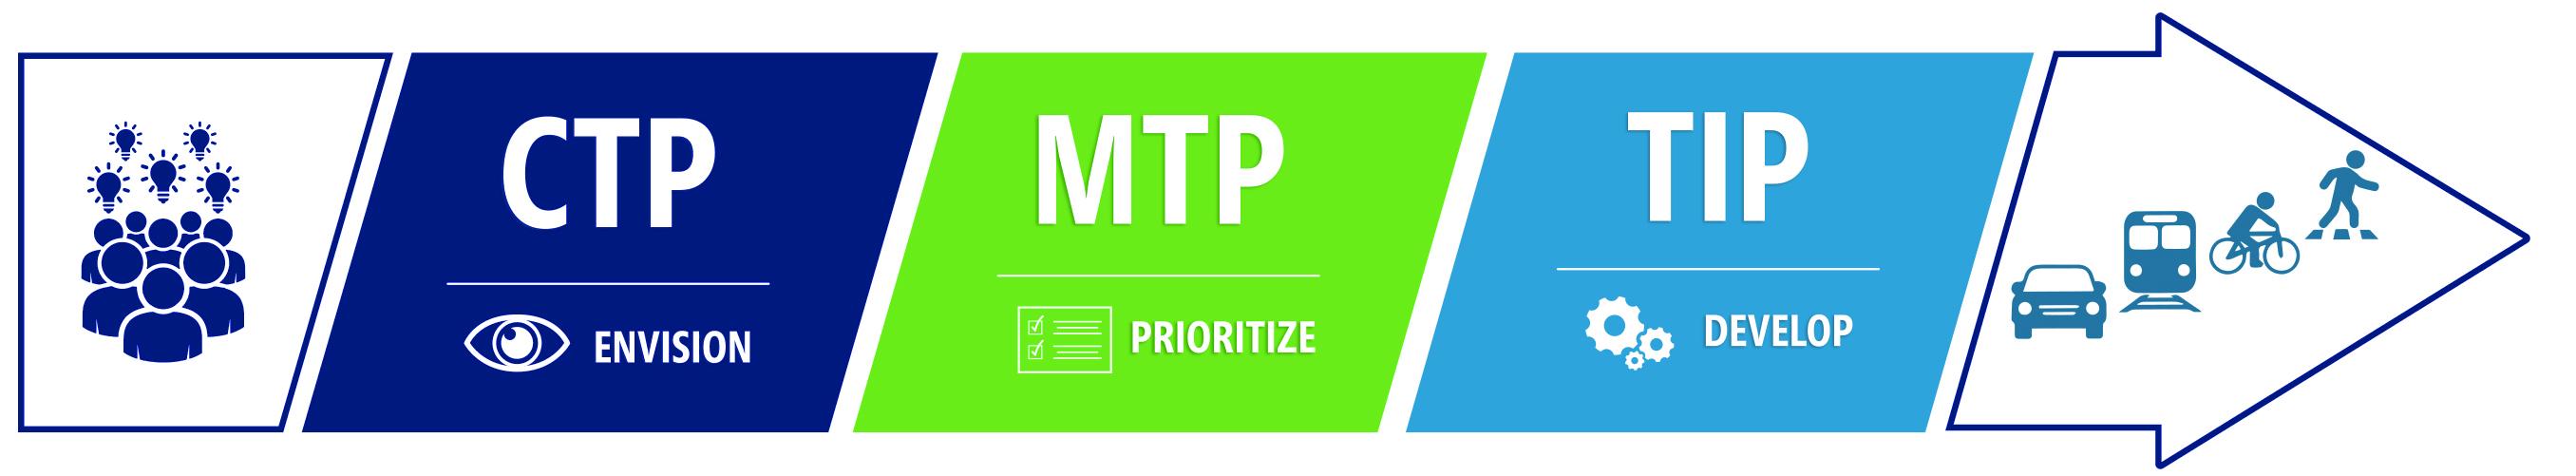 CTP / MTP / TIP